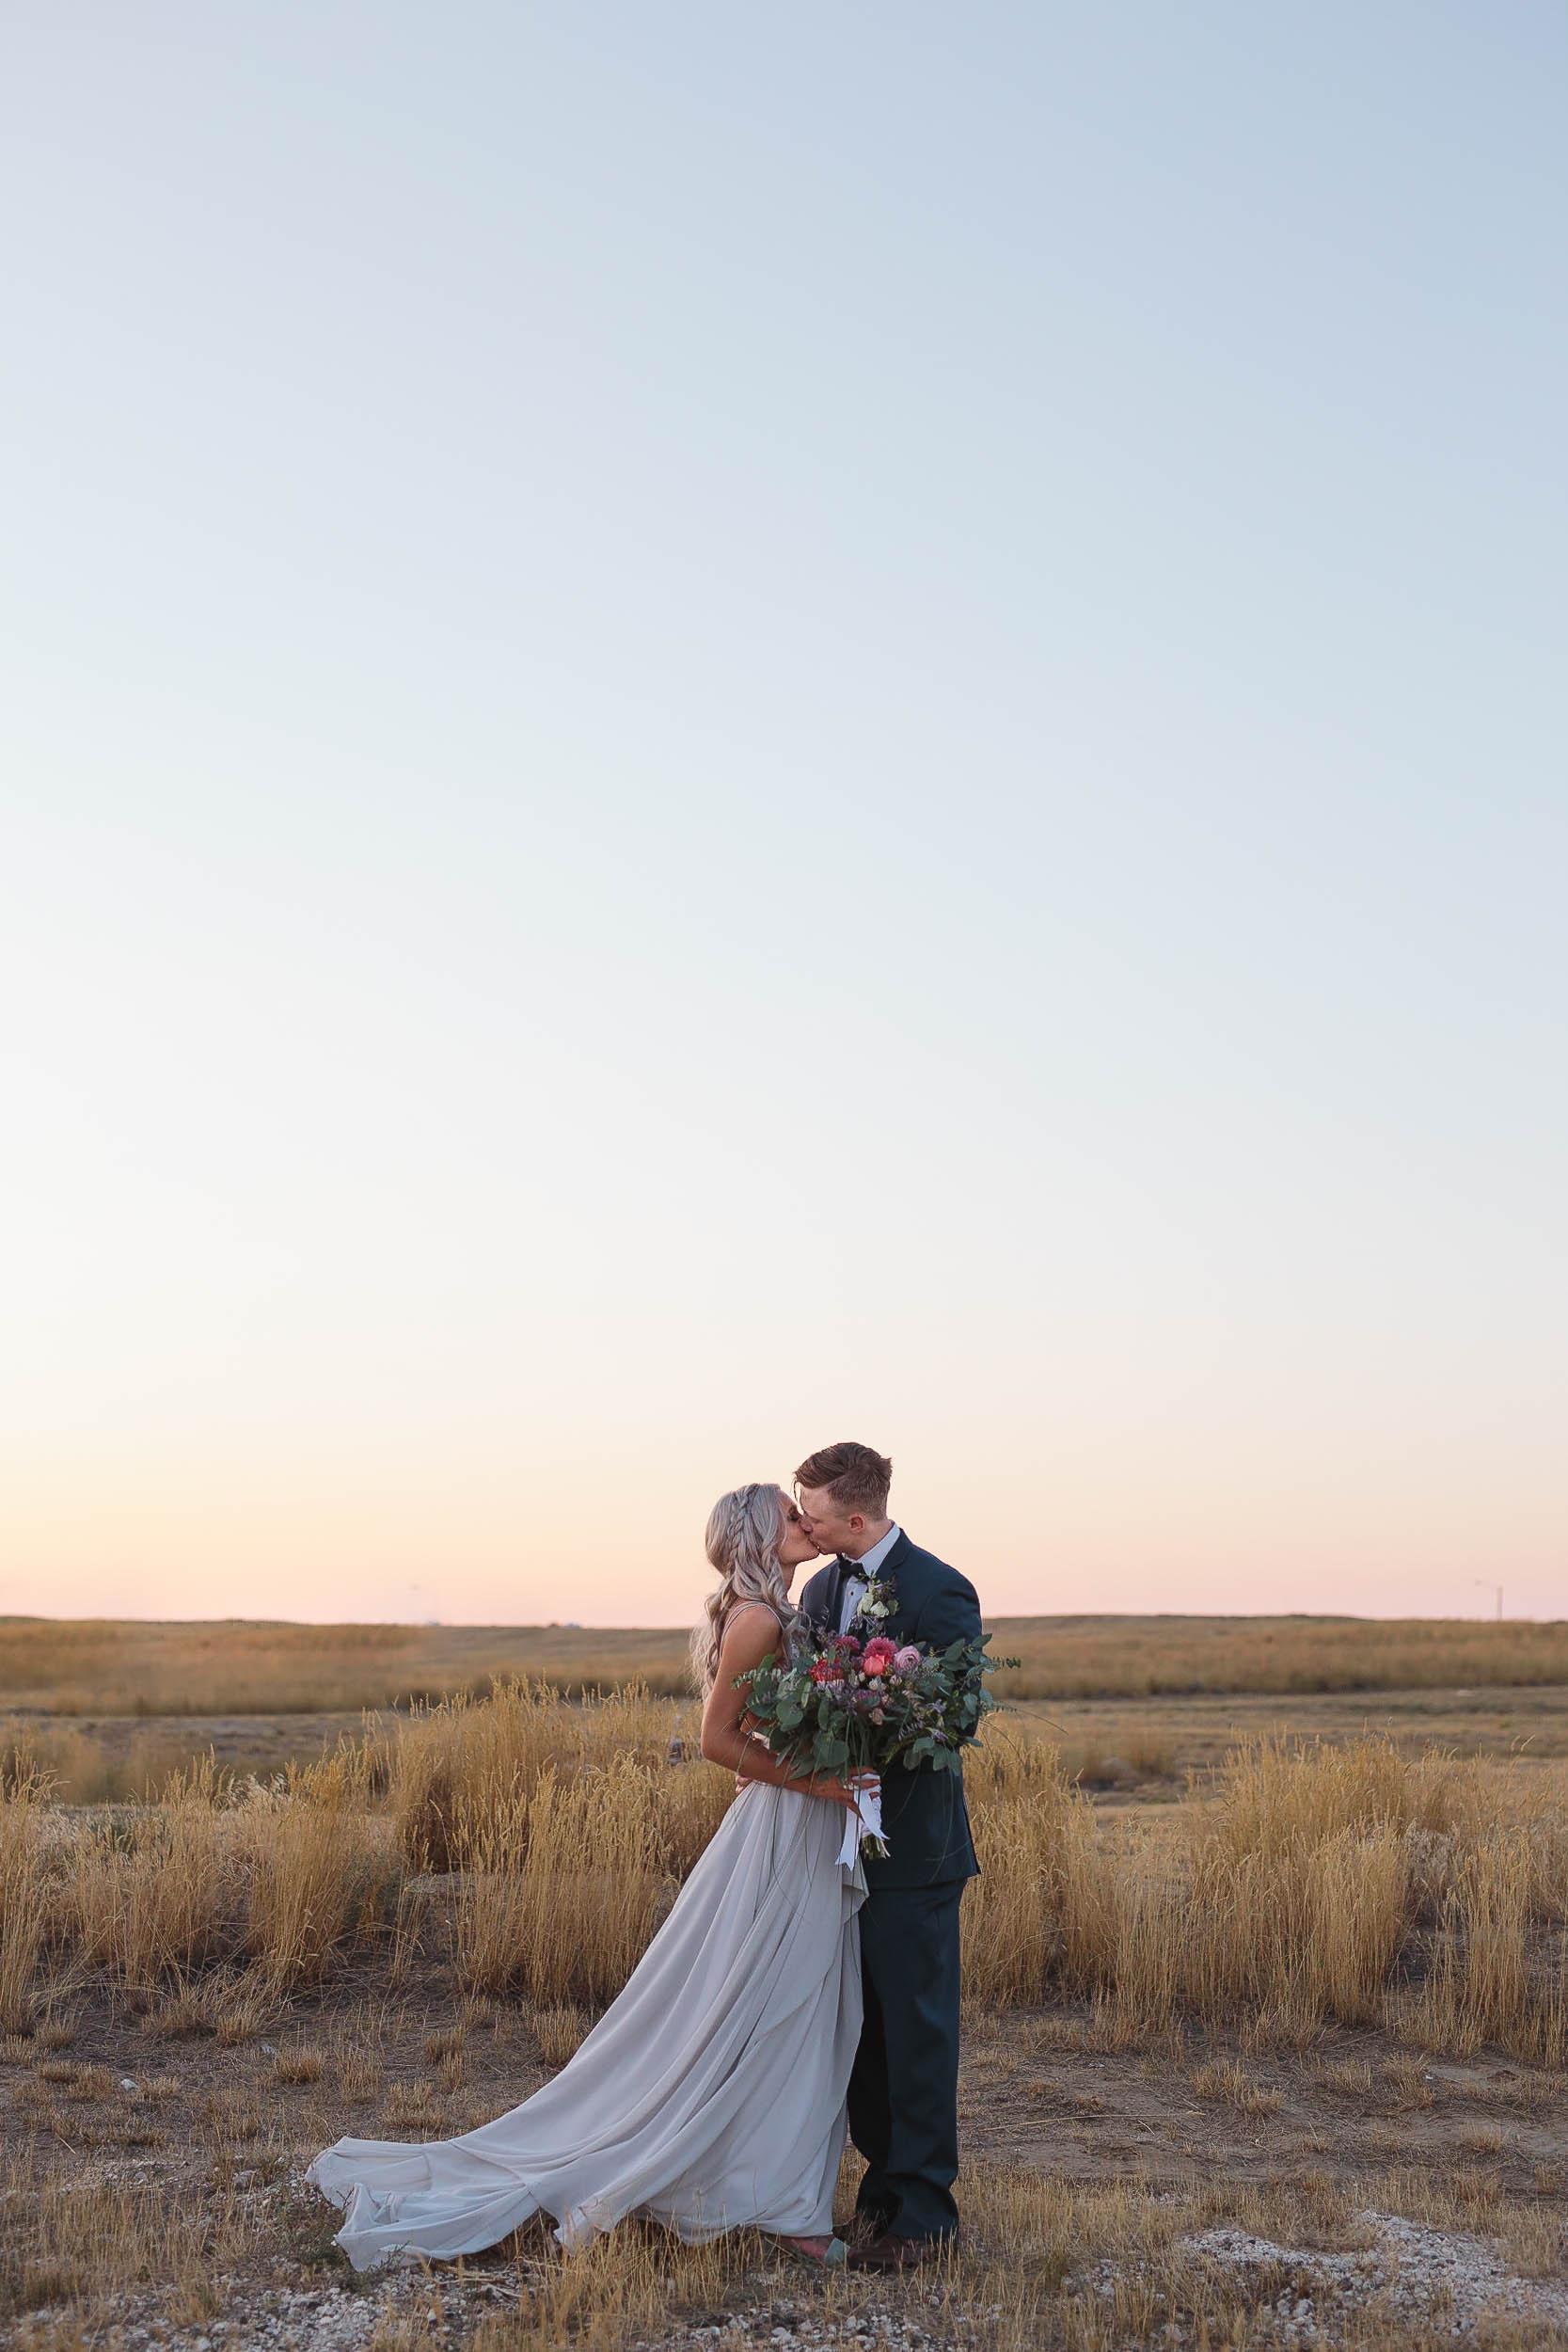 Wyoming plains at dusk wedding portrait